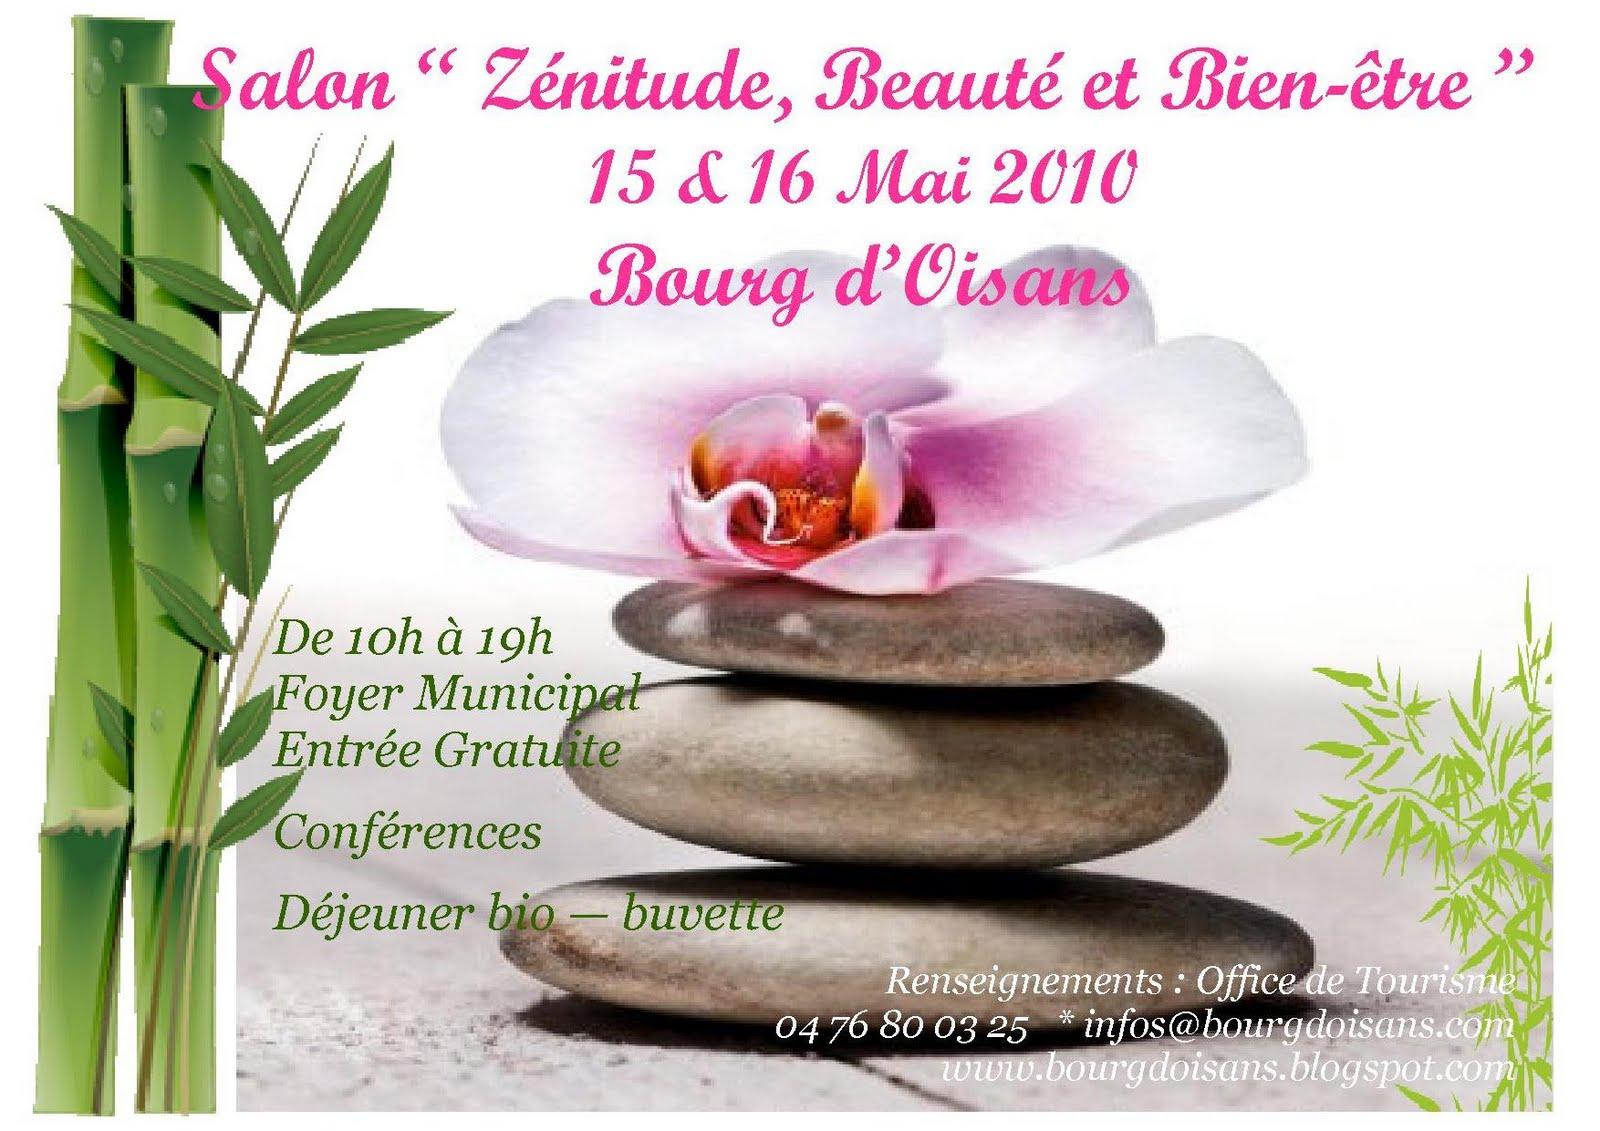 News de l 39 office de tourisme bourg d 39 oisans salon - Le bourg d oisans office de tourisme ...